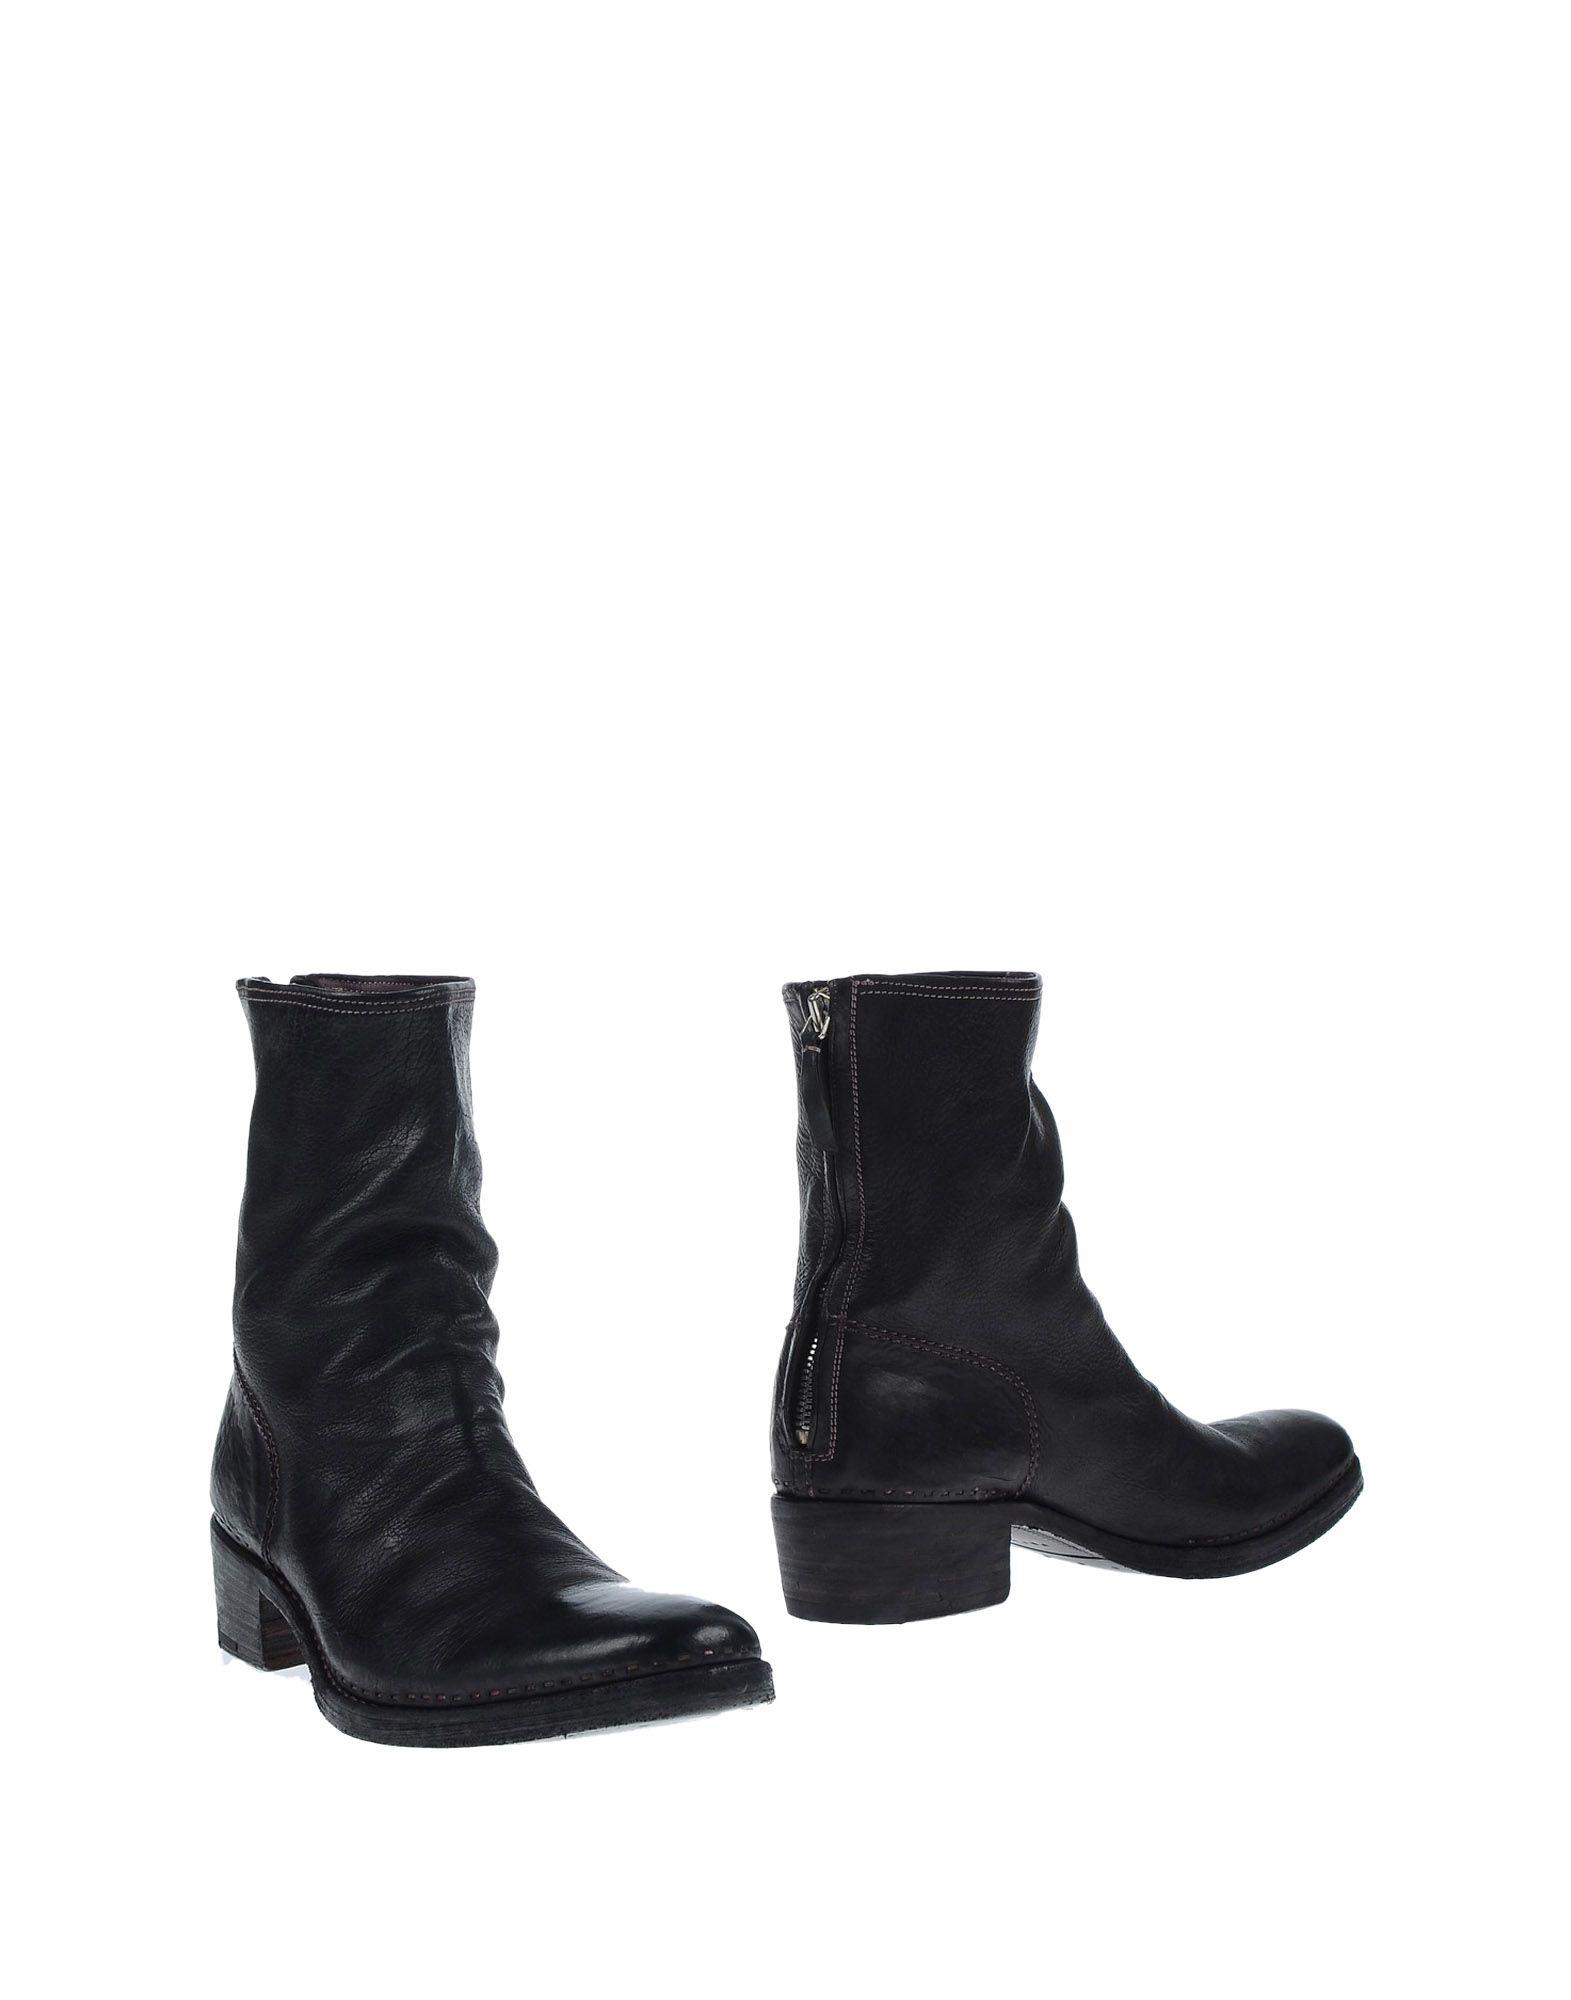 Premiata Stiefelette Herren  11096940XM Gute Qualität beliebte Schuhe